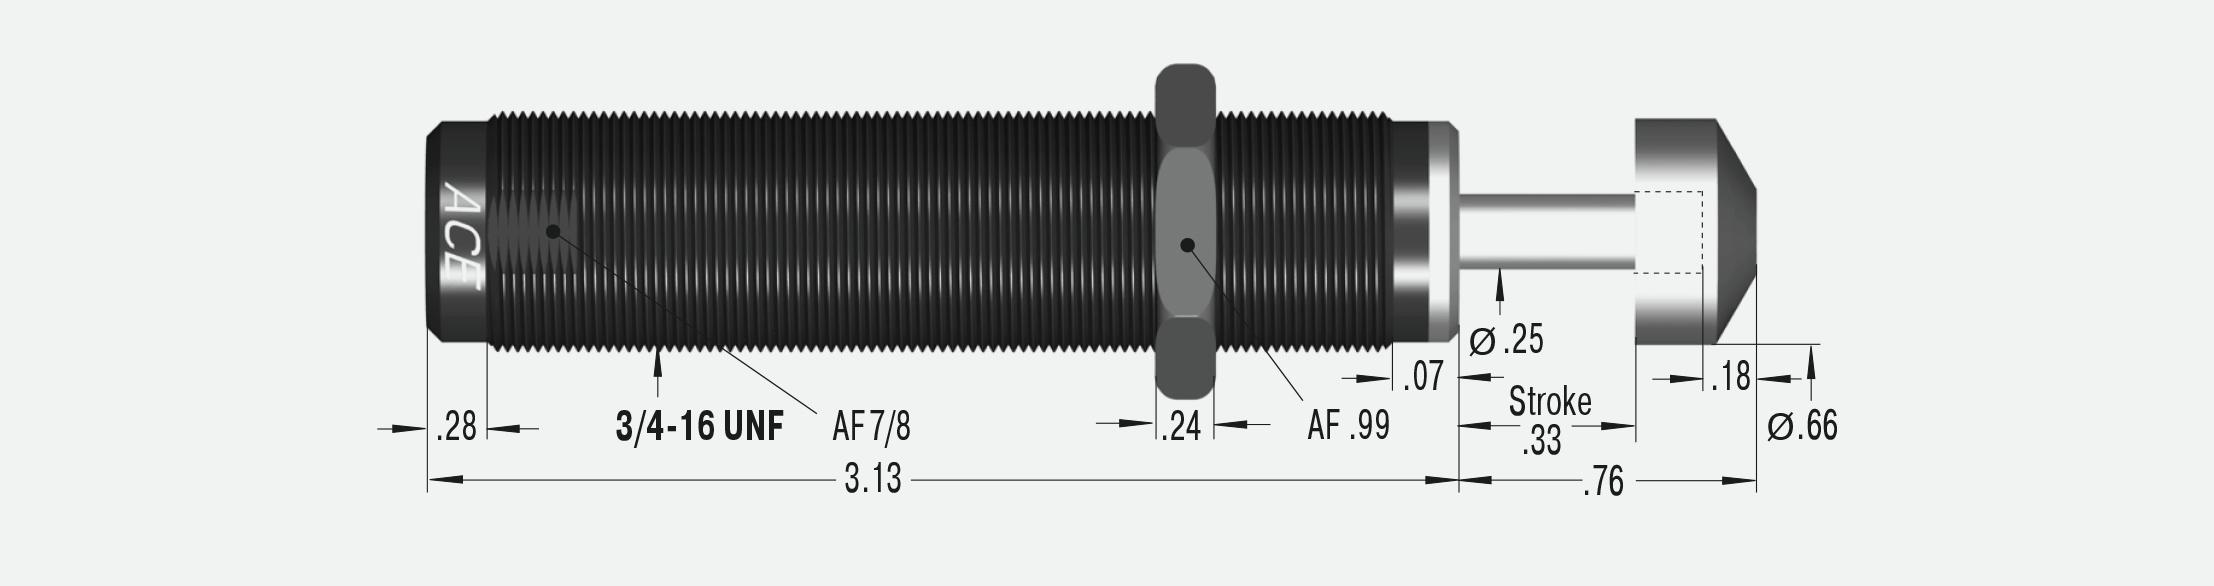 SC300-7-HC